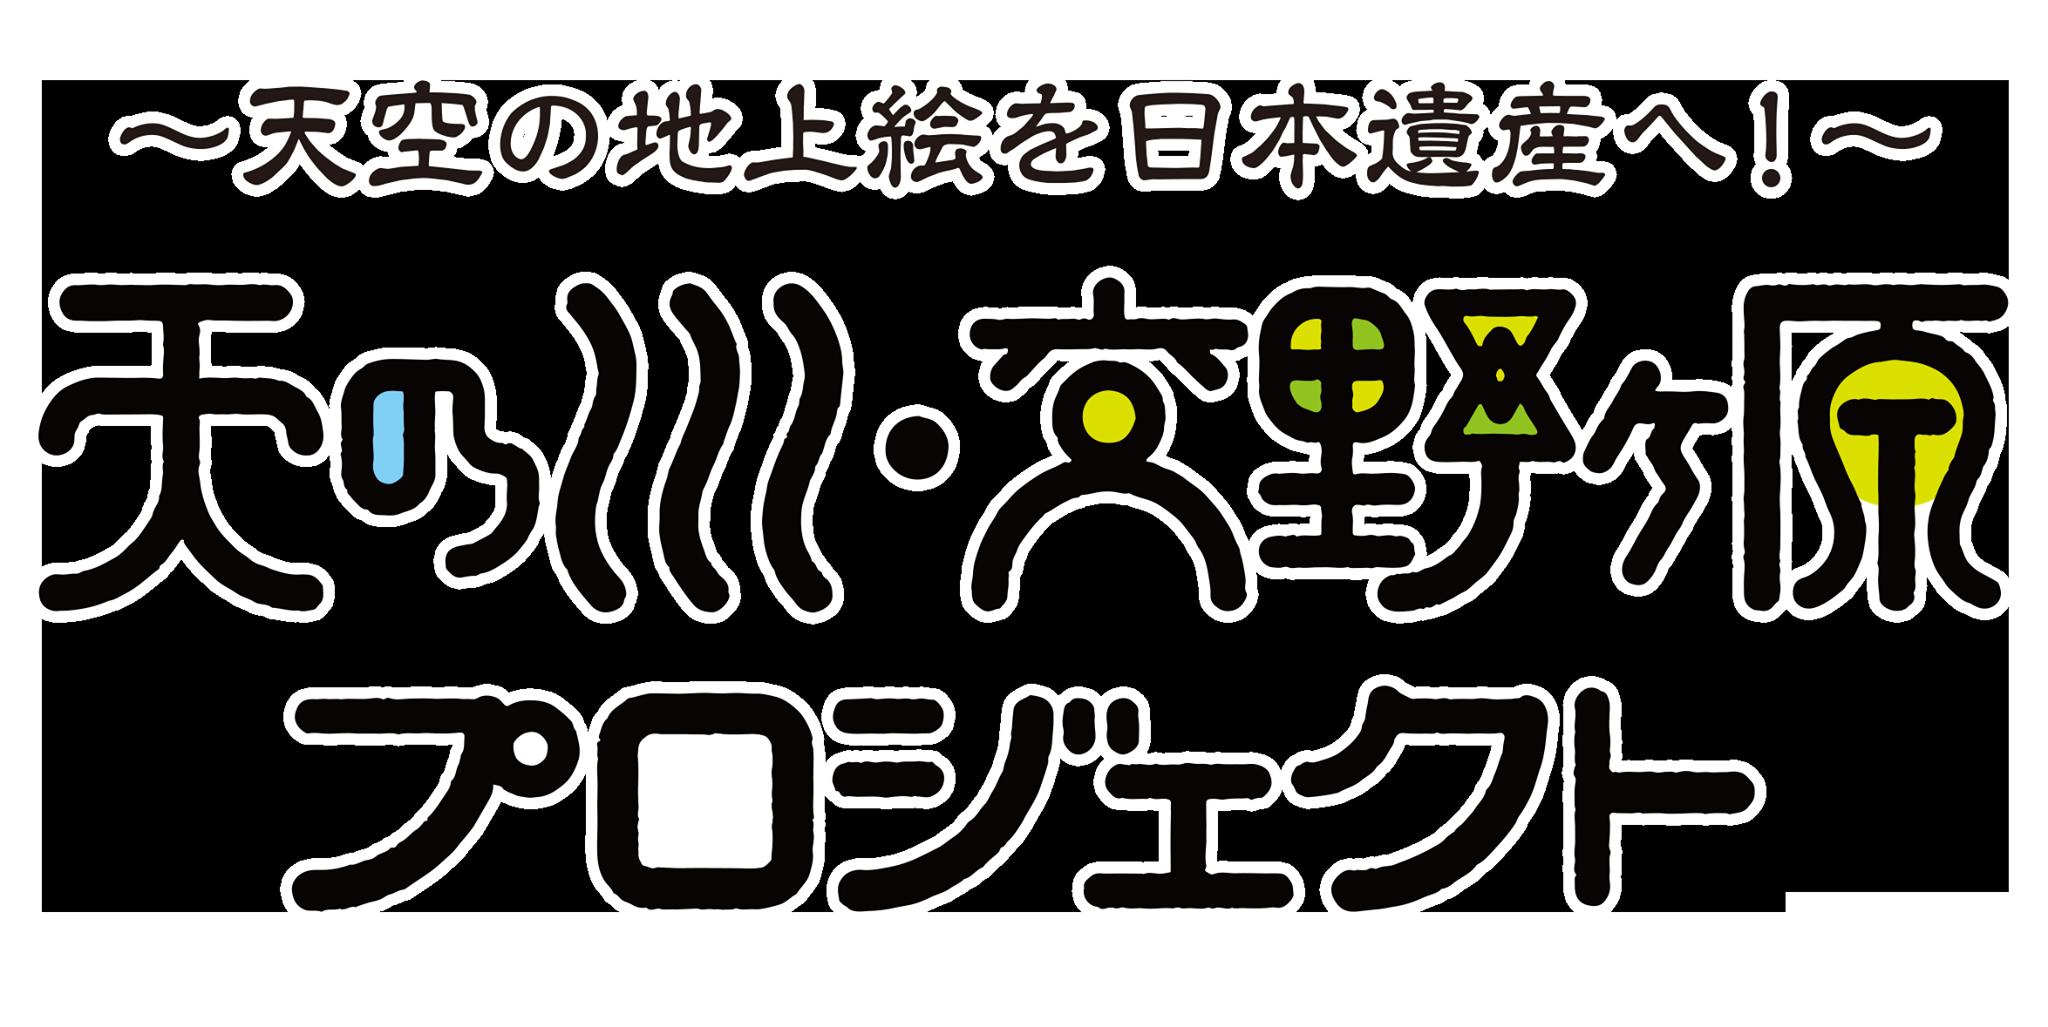 交野ヶ原 日本遺産 BLOG